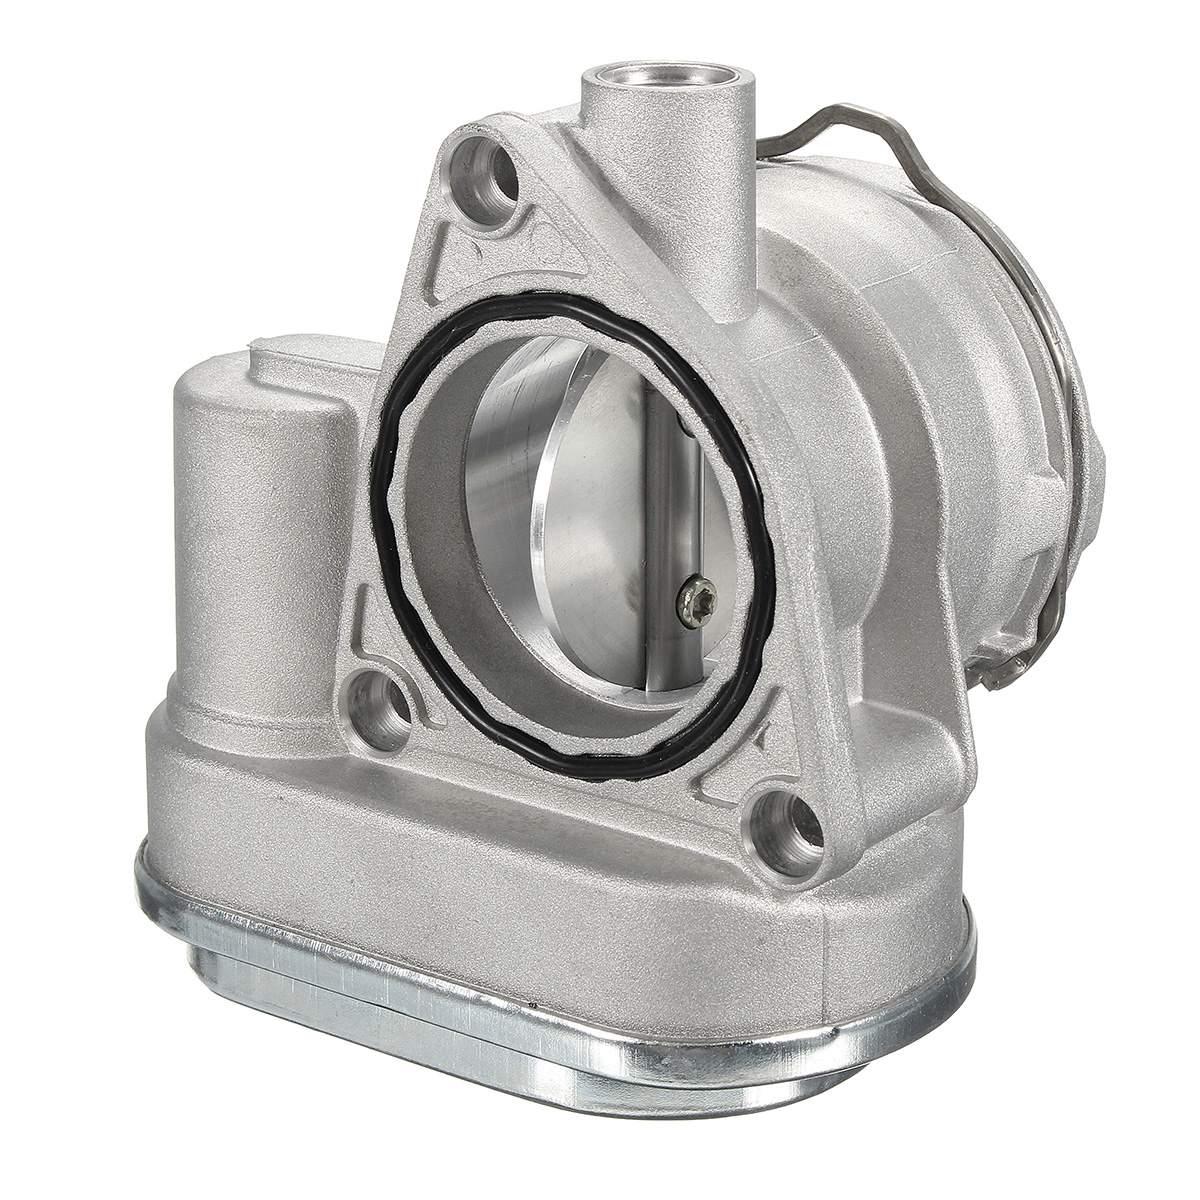 038128063F 038128063G tout nouveau corps d'accélérateur pour Audi pour Skoda pour VW Seat 1.9 2.0 TDi rabat collecteur 038128063G/L/F/M/P/Q